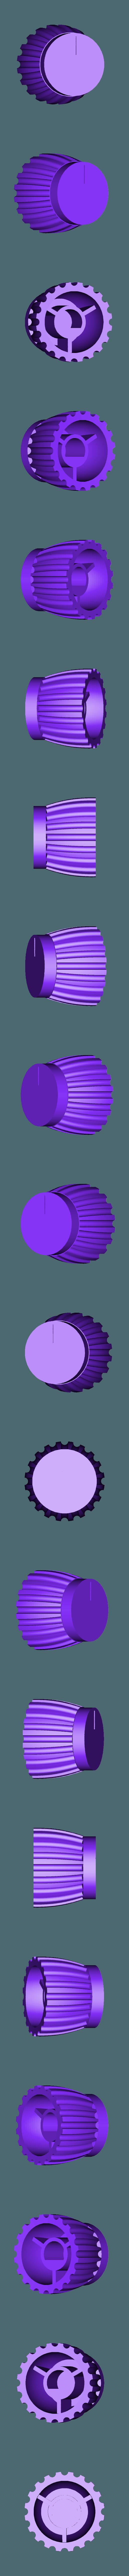 Bouton complet.stl Télécharger fichier STL Bouton pour ampli marshall • Design pour impression 3D, cedricpct1